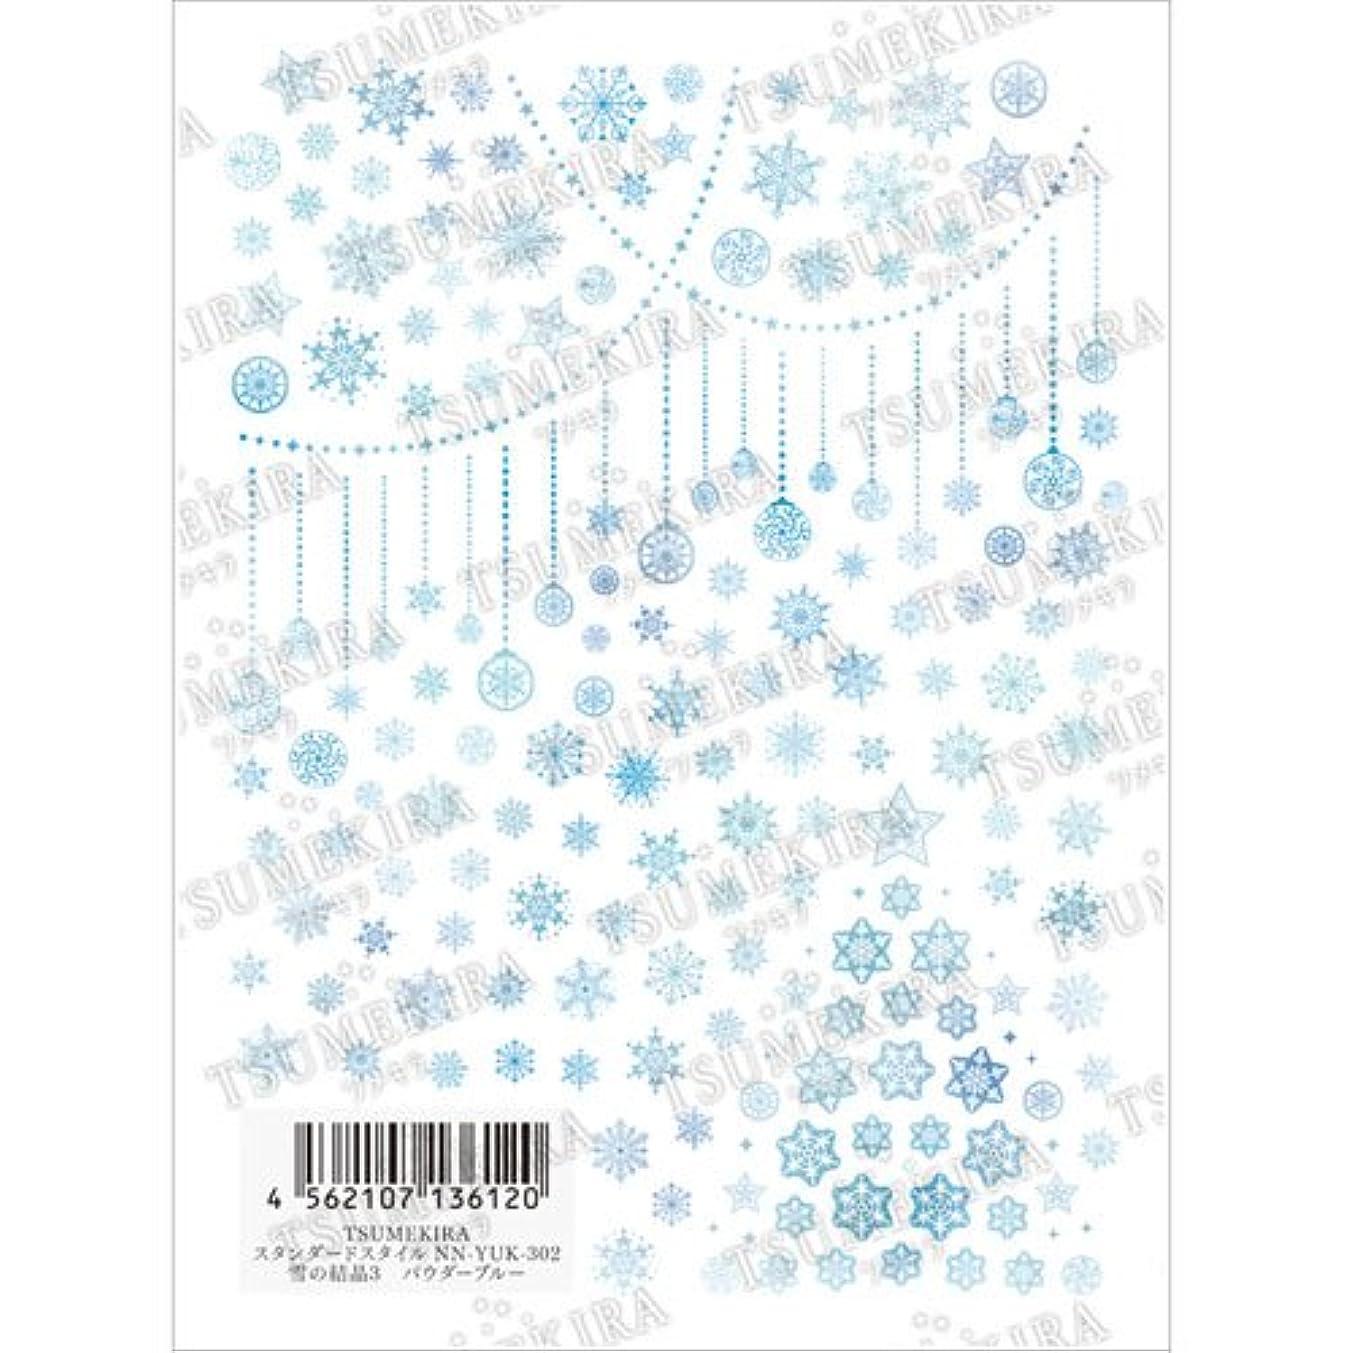 試してみる恐れる分数ツメキラ(TSUMEKIRA) ネイル用シール 雪の結晶3 NN-YUK-302